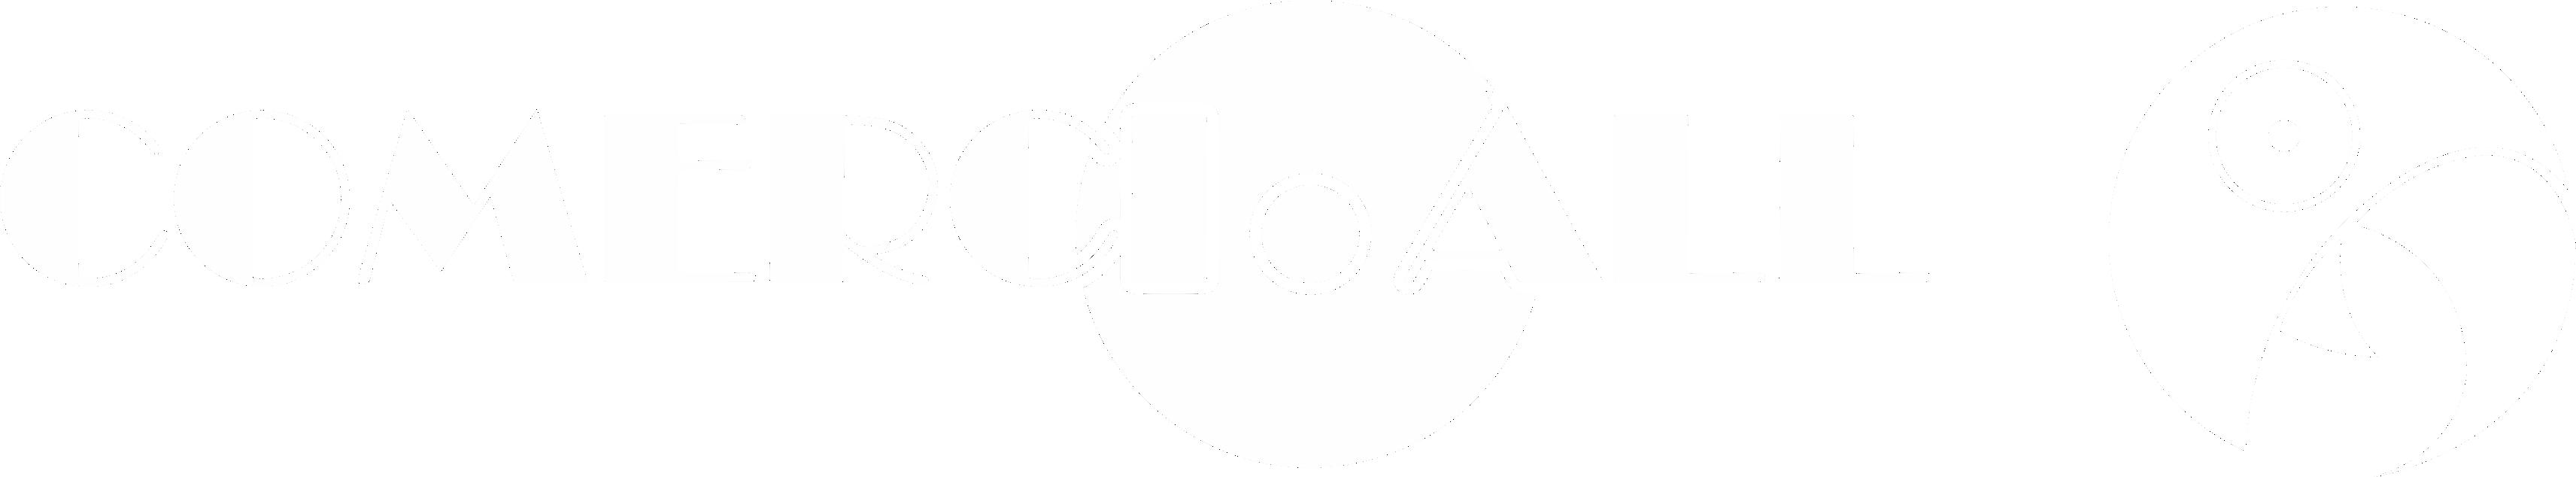 Logotipo Comerciall